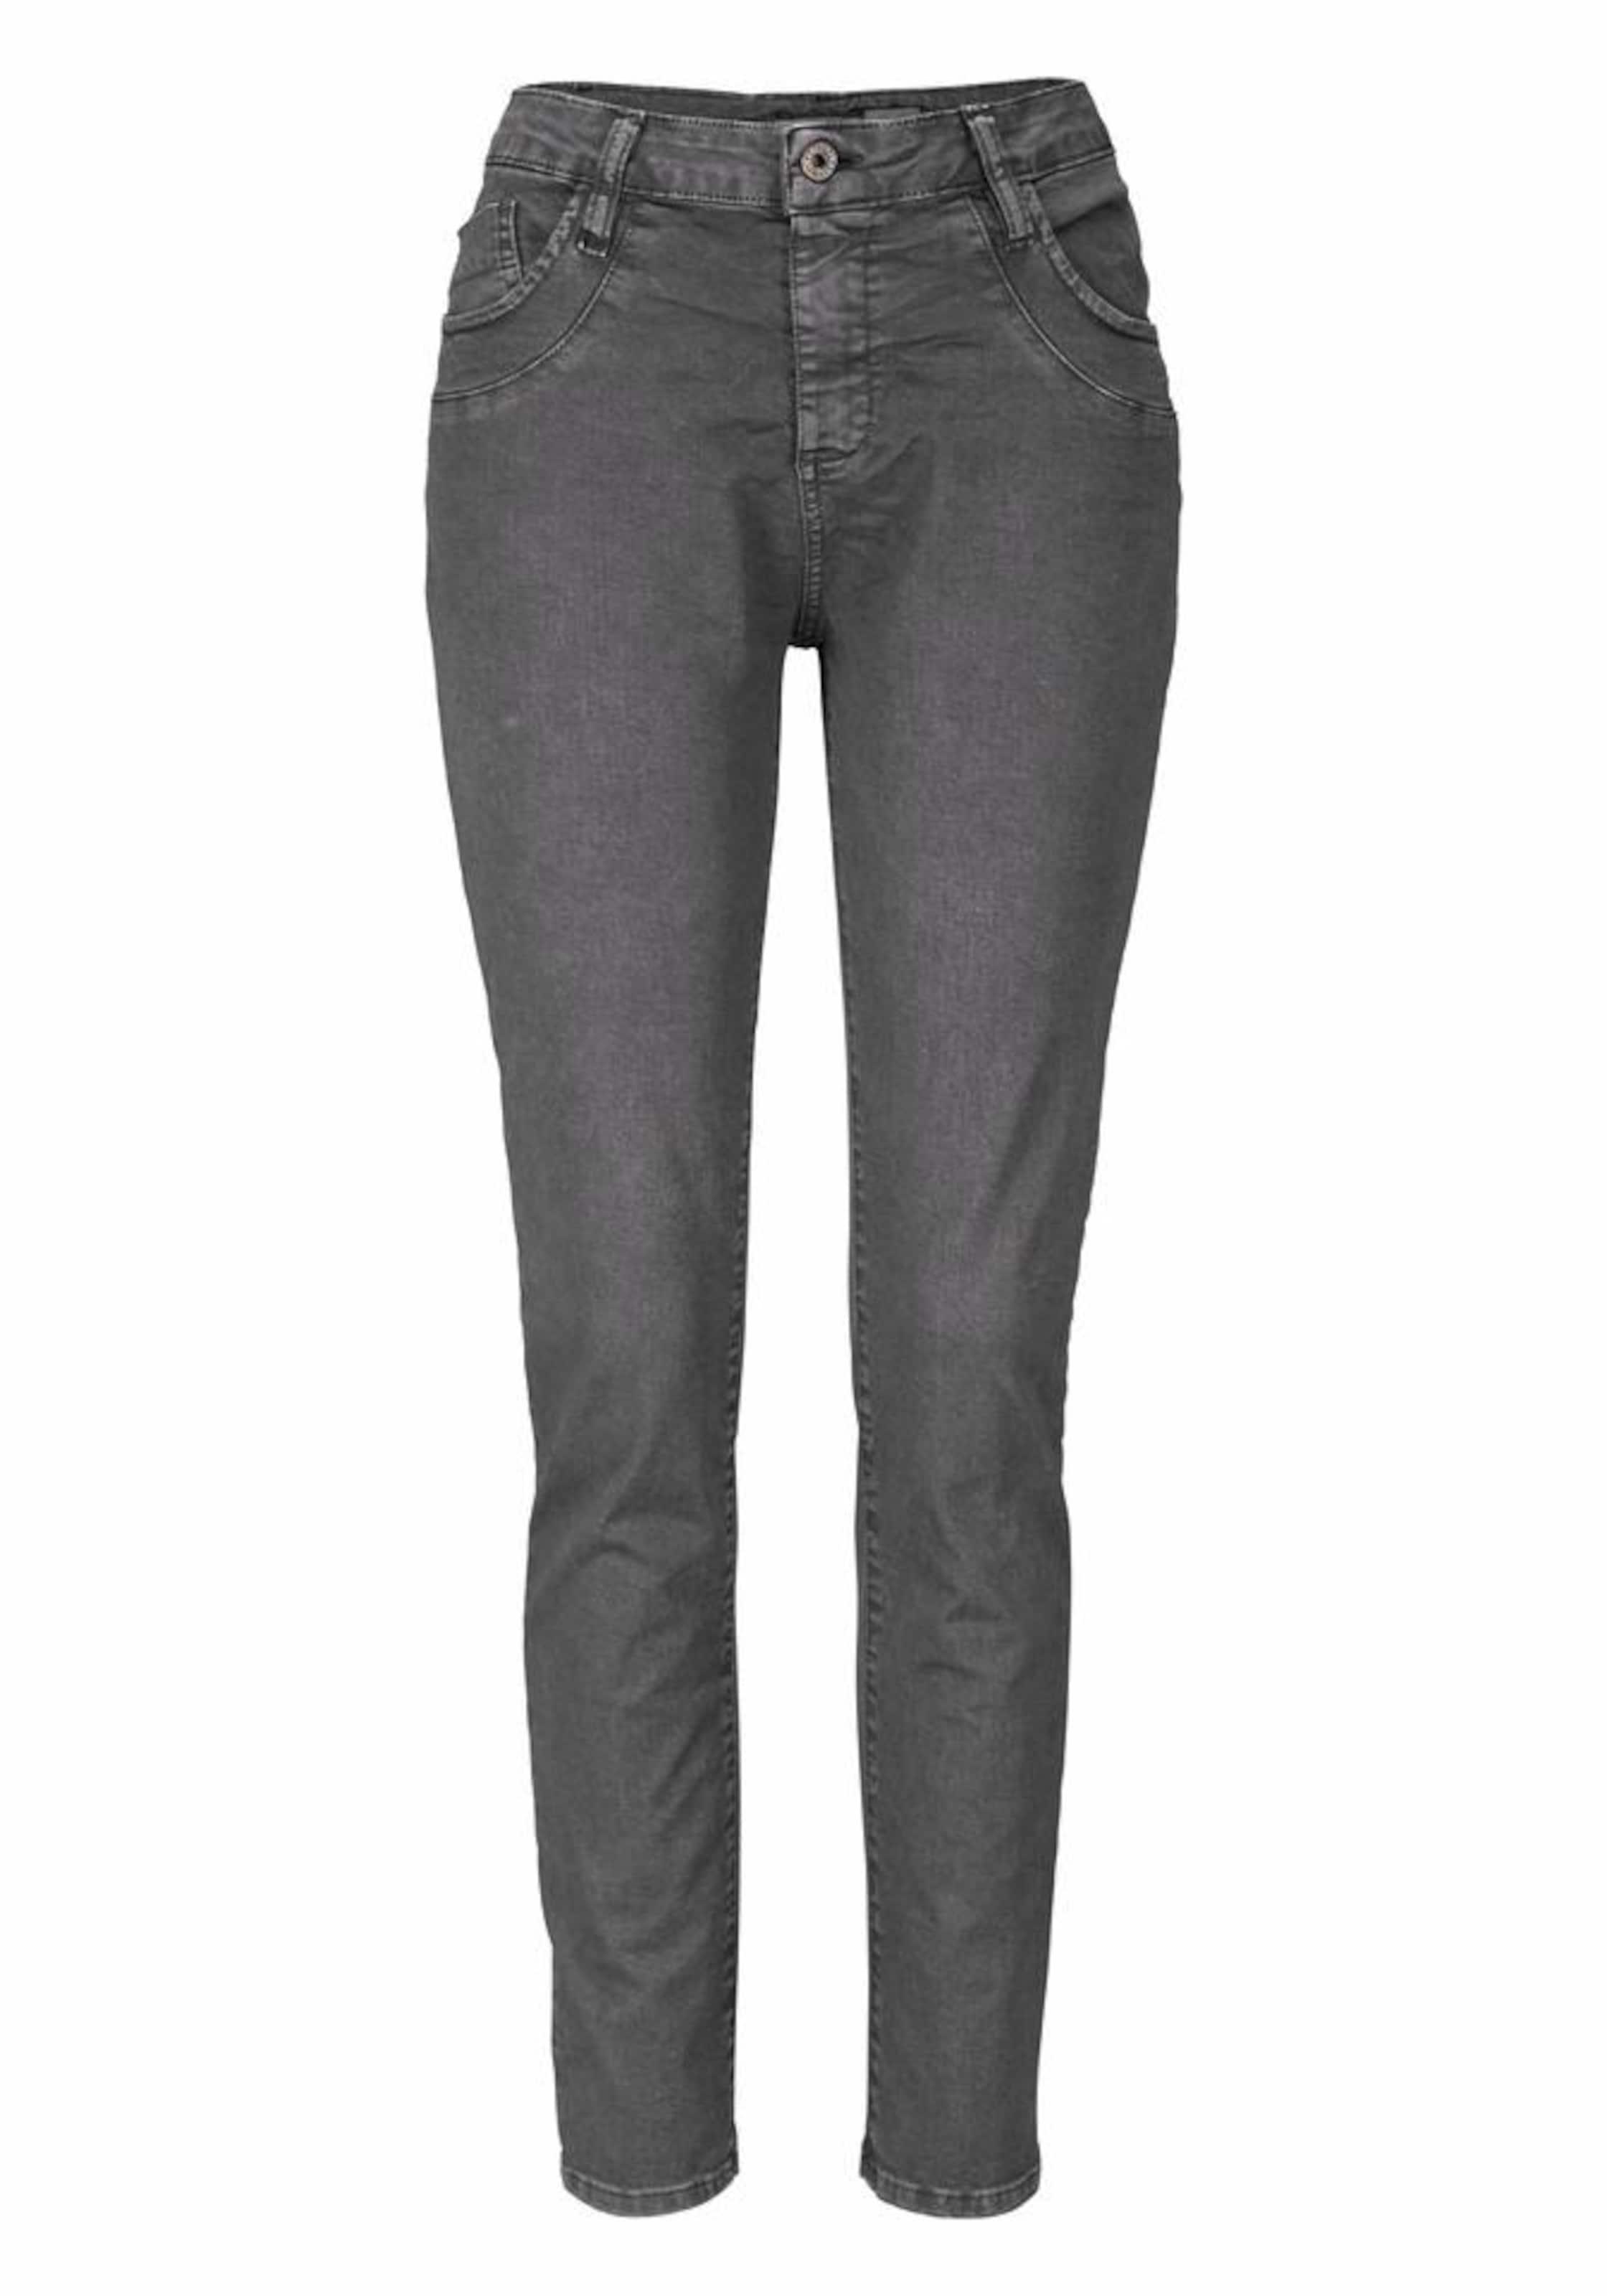 Billige Finish PLEASE Please Jeans Boyfriend-Jeans »P78U« Billig Aus Deutschland Spielraum Online Ebay Auf Dem Laufenden p85R906h